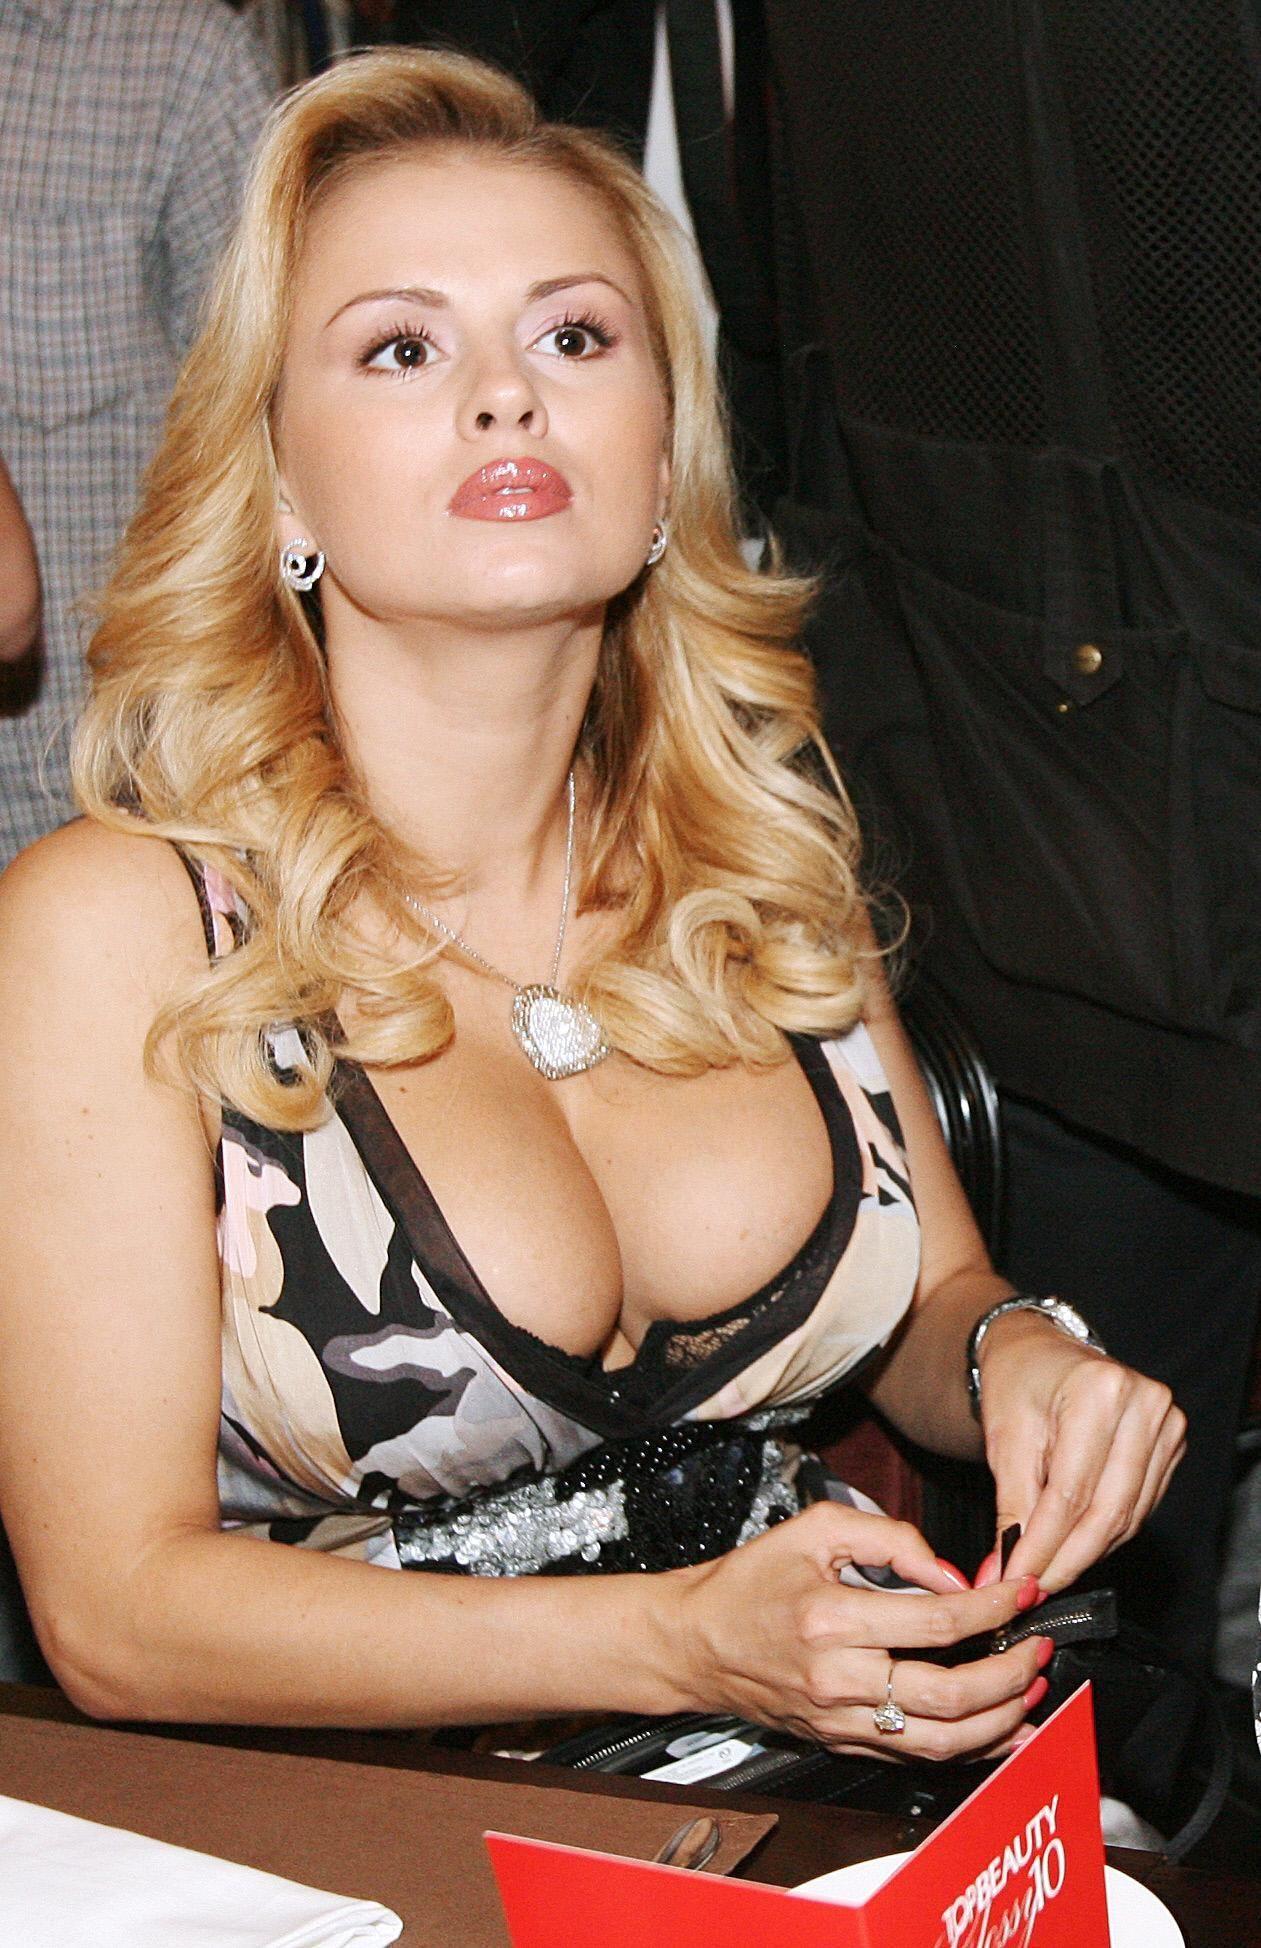 Anna Semenovich crazy super sensual photo 02.22.2018 90